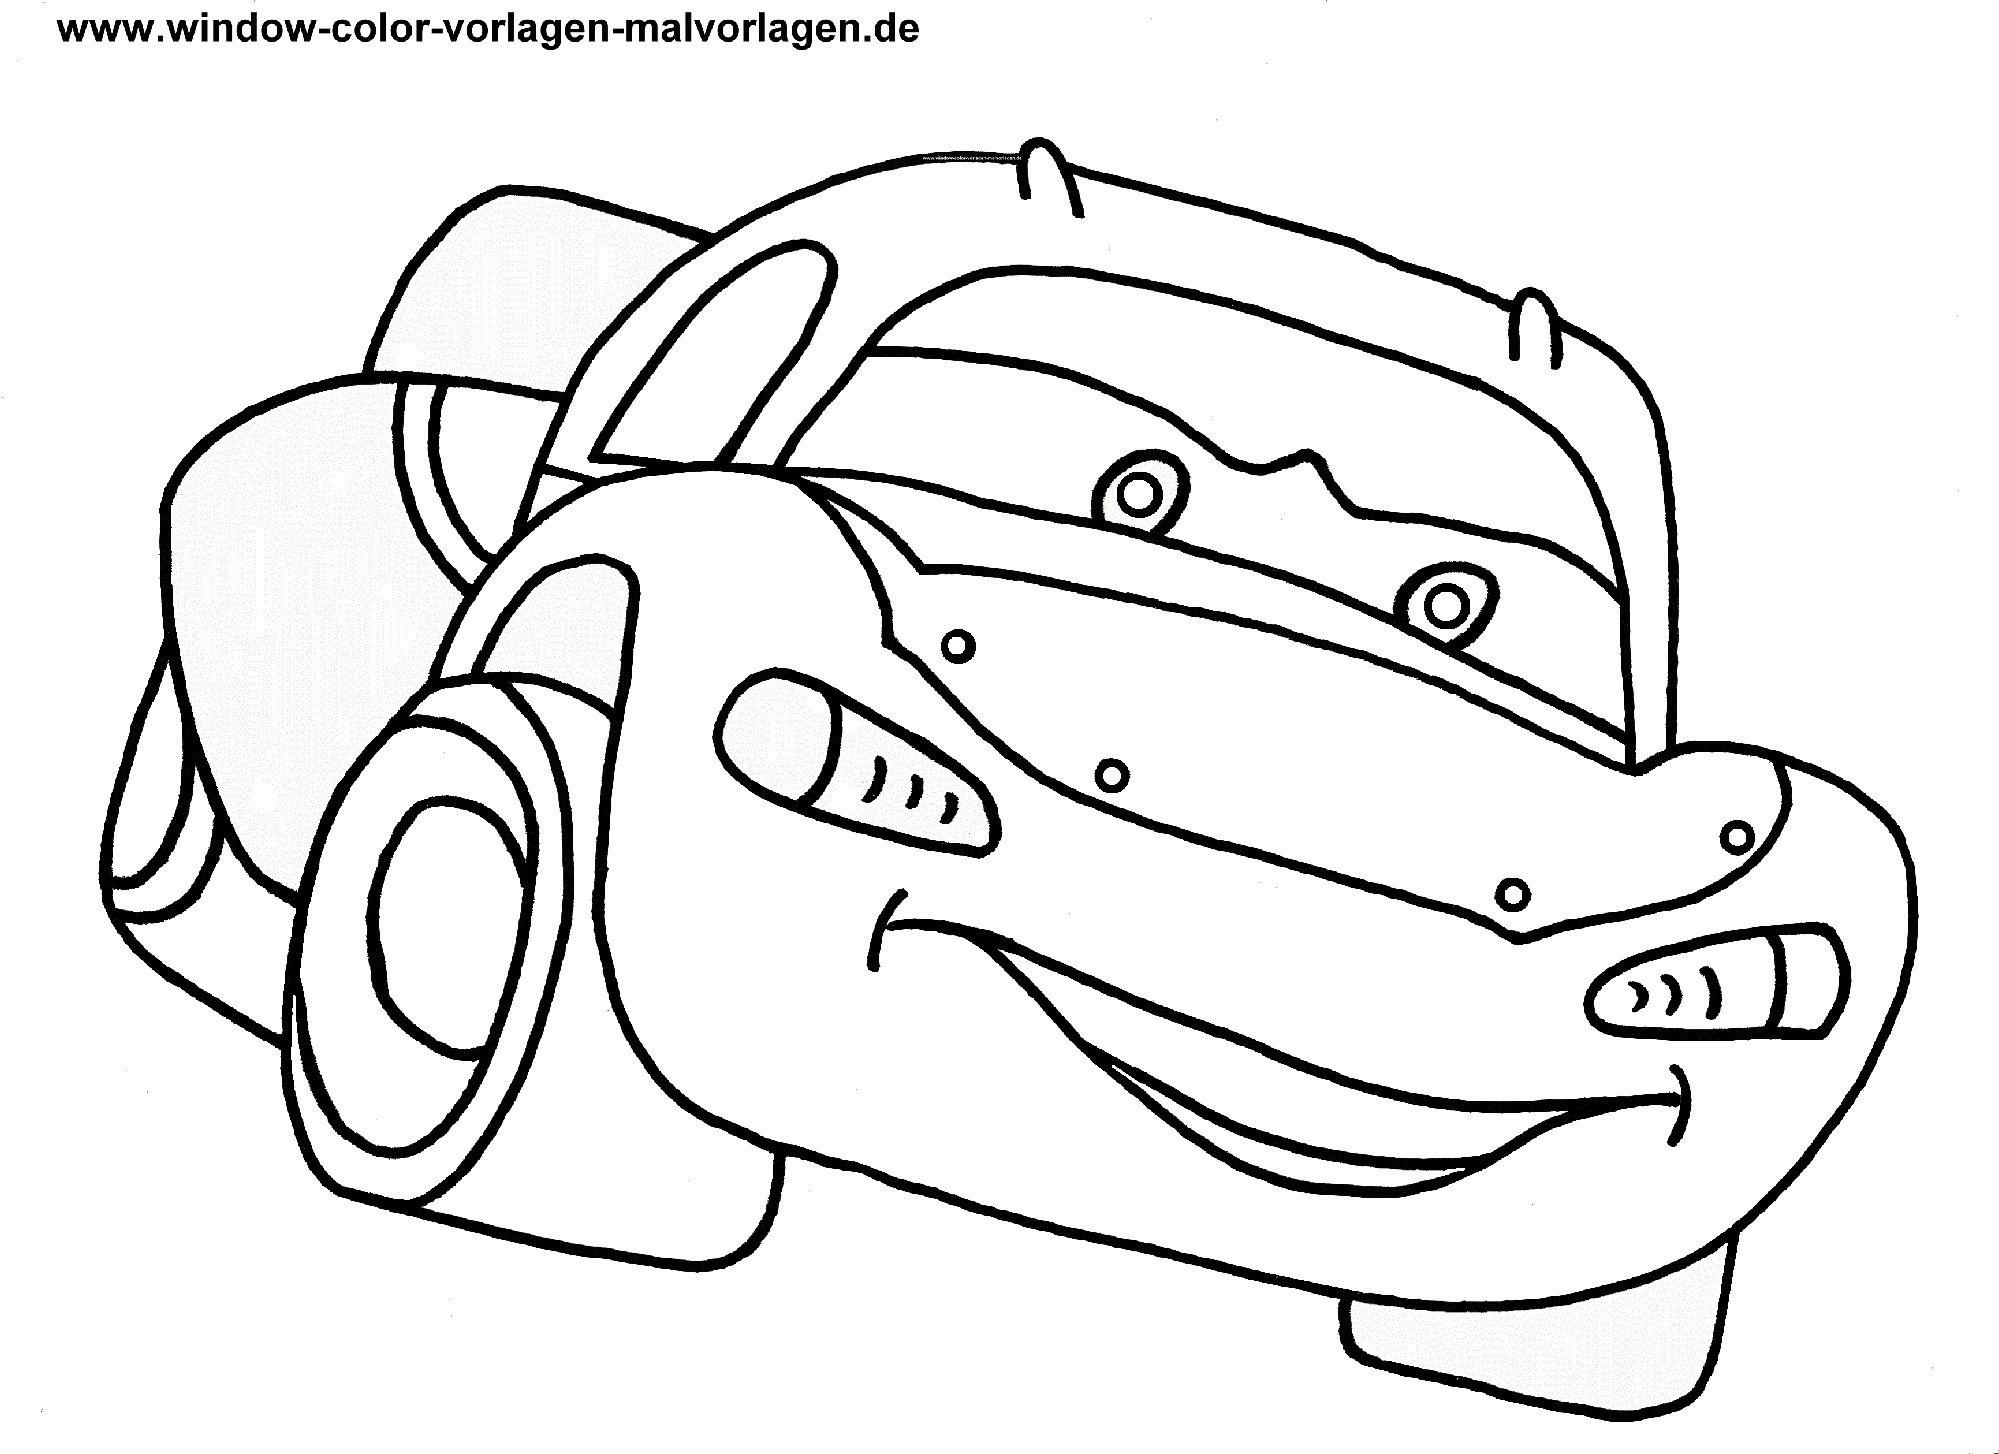 Ausmalbilder Zum Ausdrucken Autos Inspirierend 45 Schön Malvorlagen Autos Zum Ausdrucken Mickeycarrollmunchkin Stock